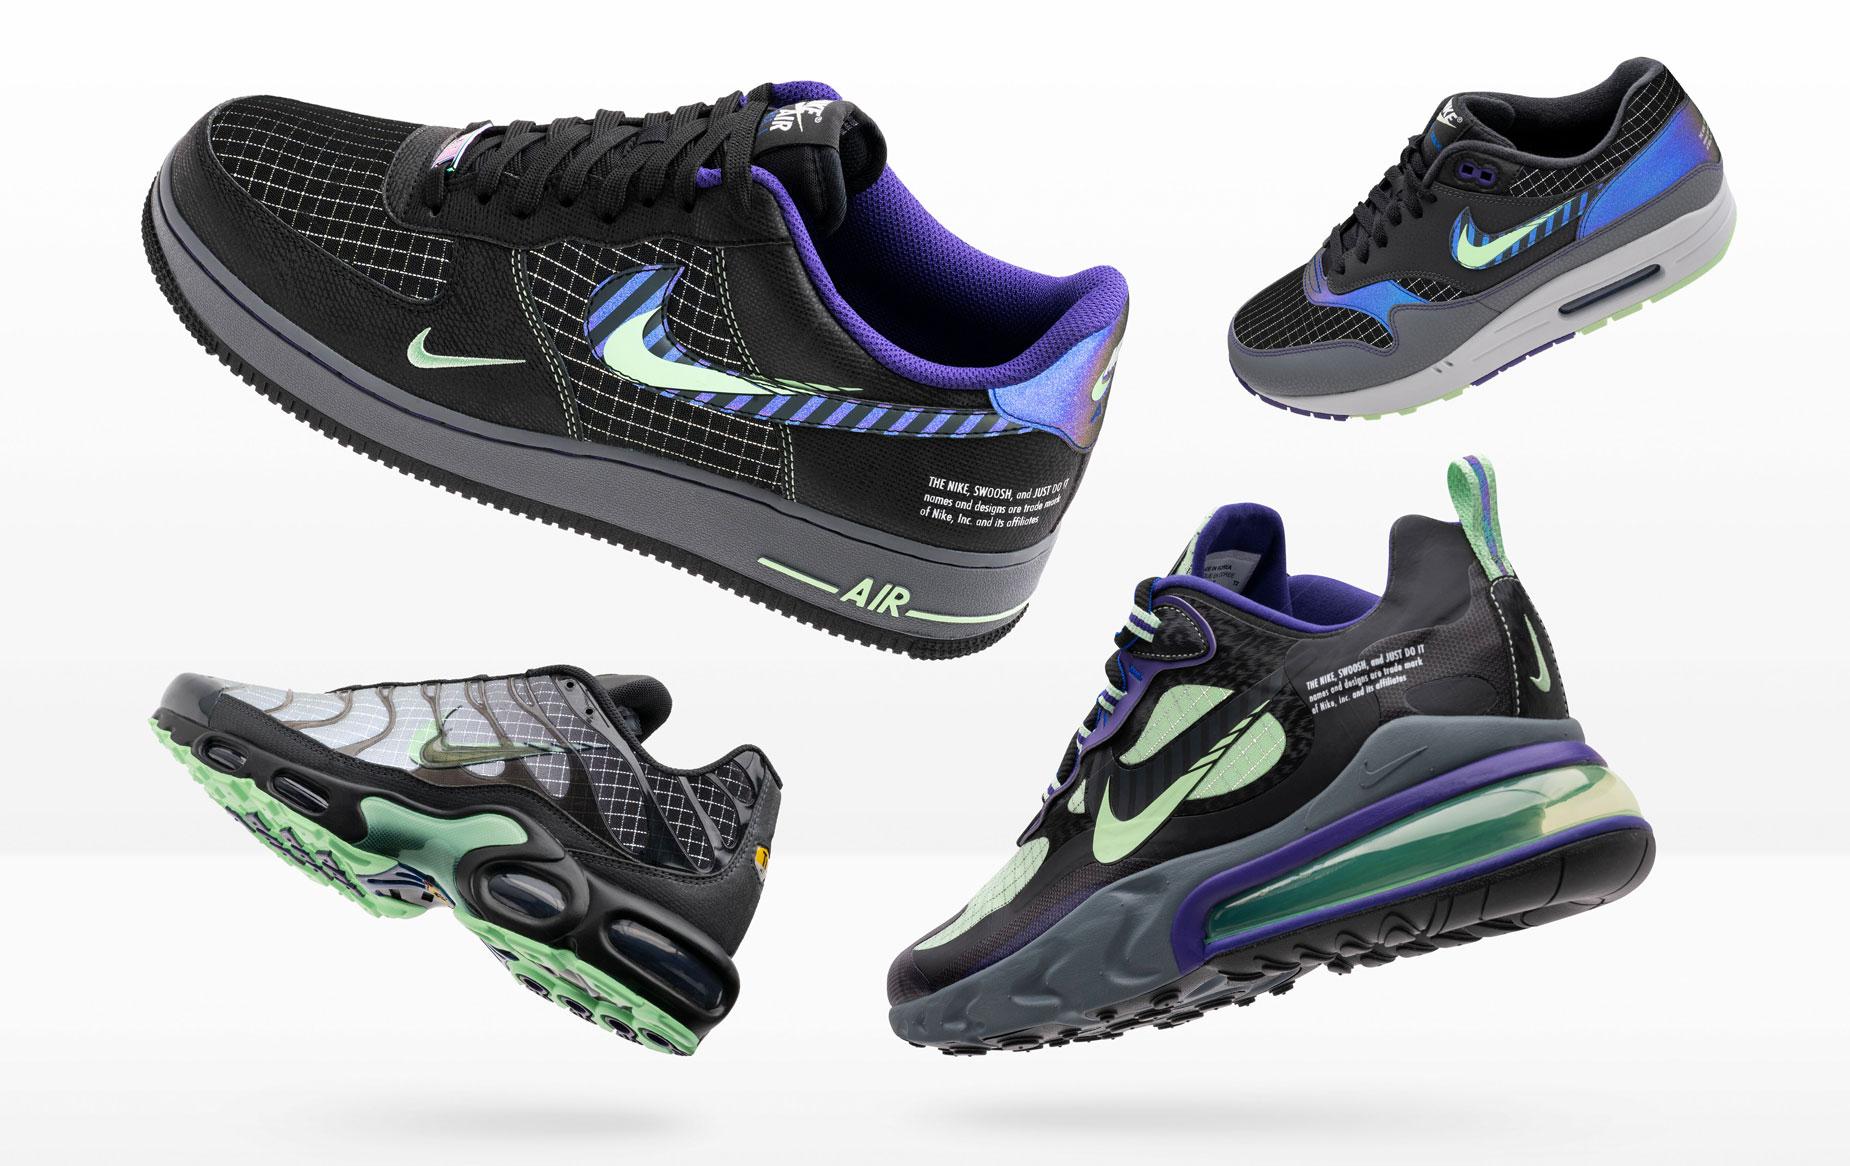 nike-air-future-swoosh-shoes